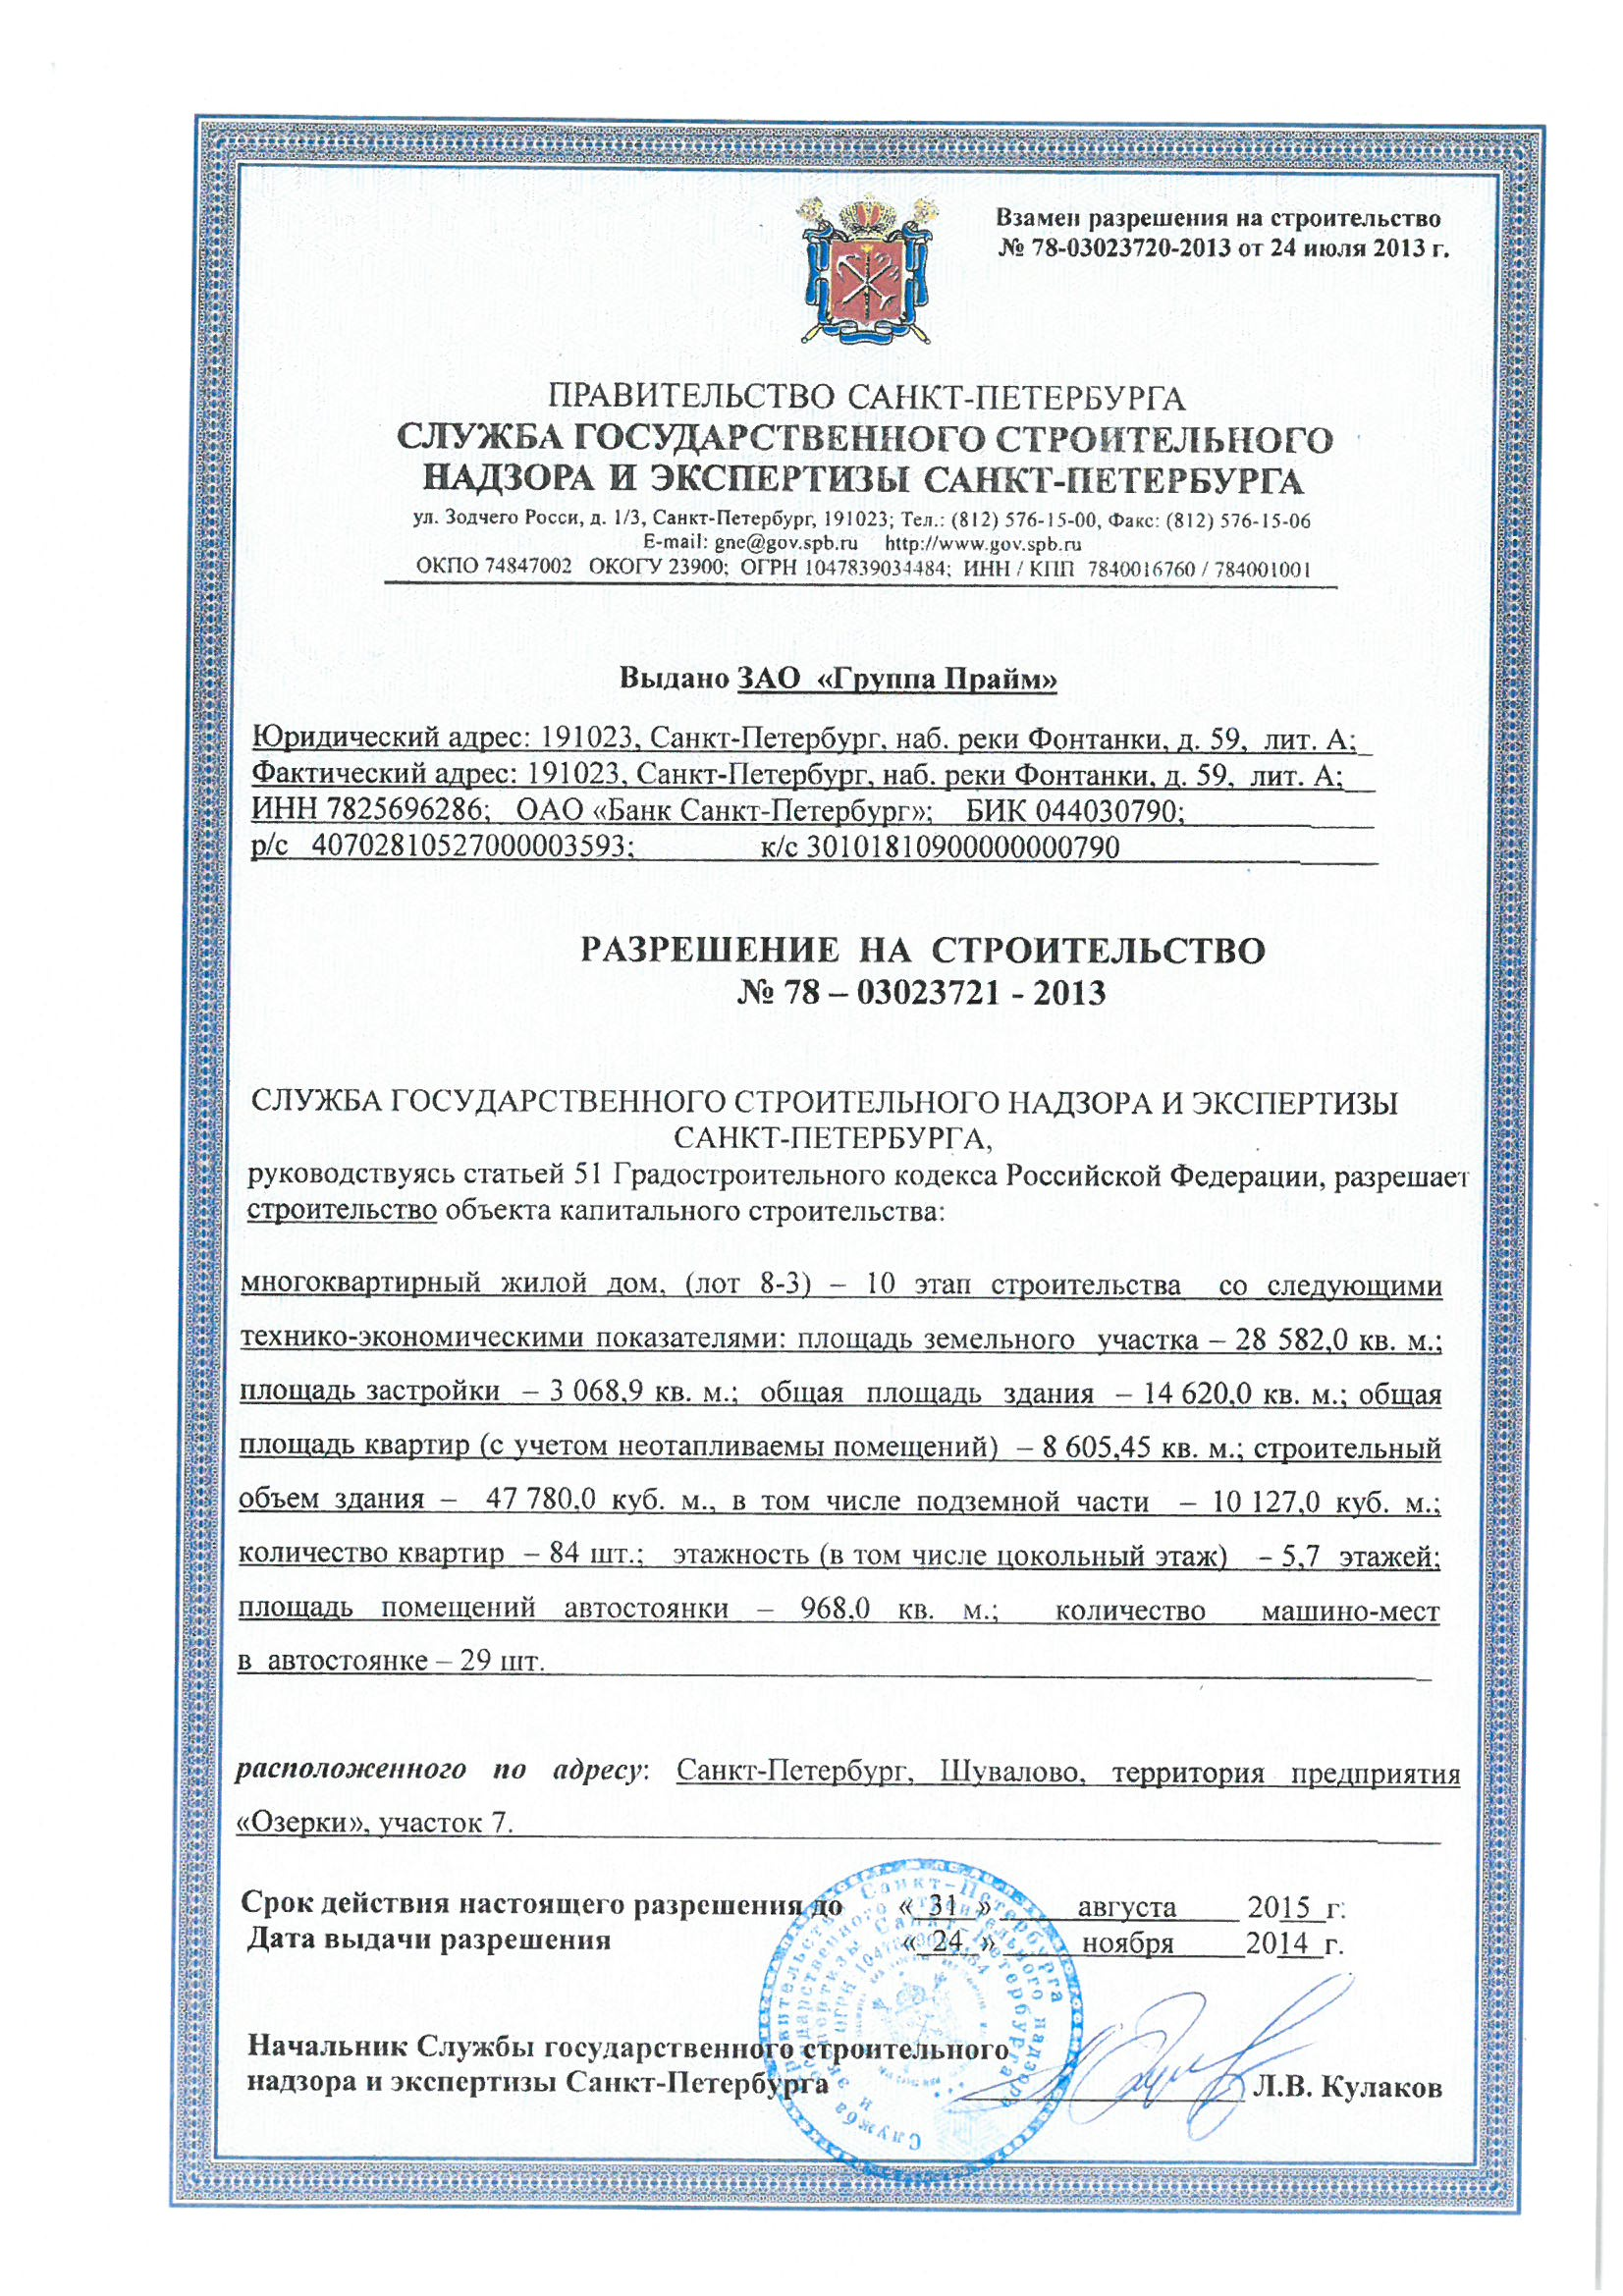 список разрешений на строительство в санкт-петербурге прекращена